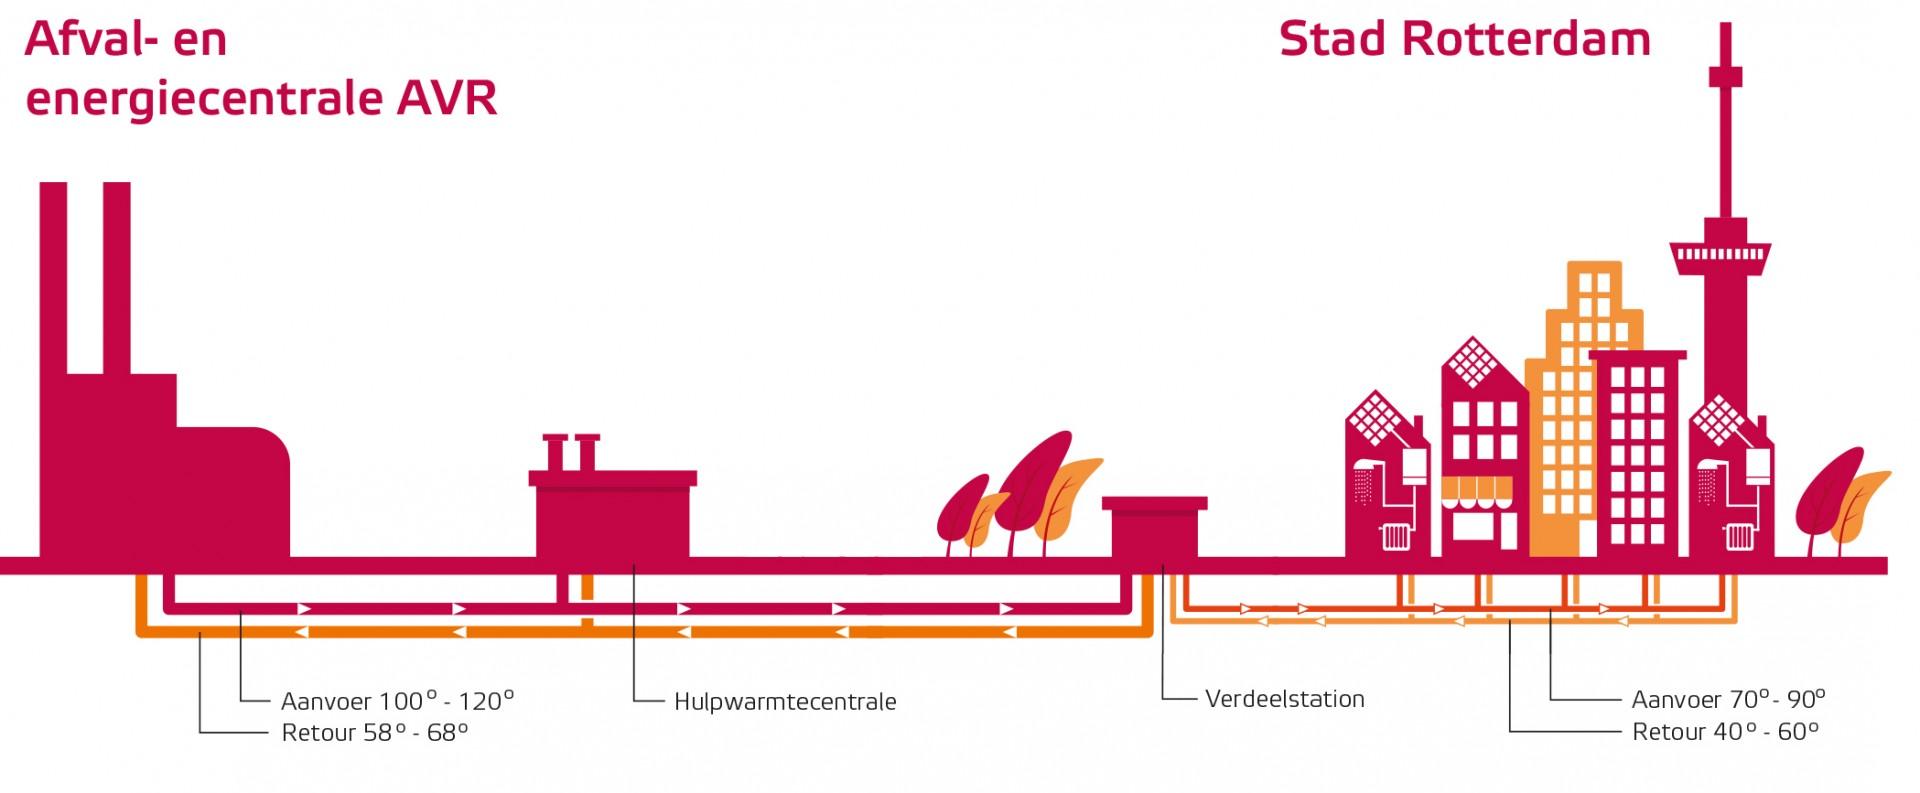 ab31b949c95 CO2-besparing van jaarlijks 70 procent door stadswarmte in regio ...